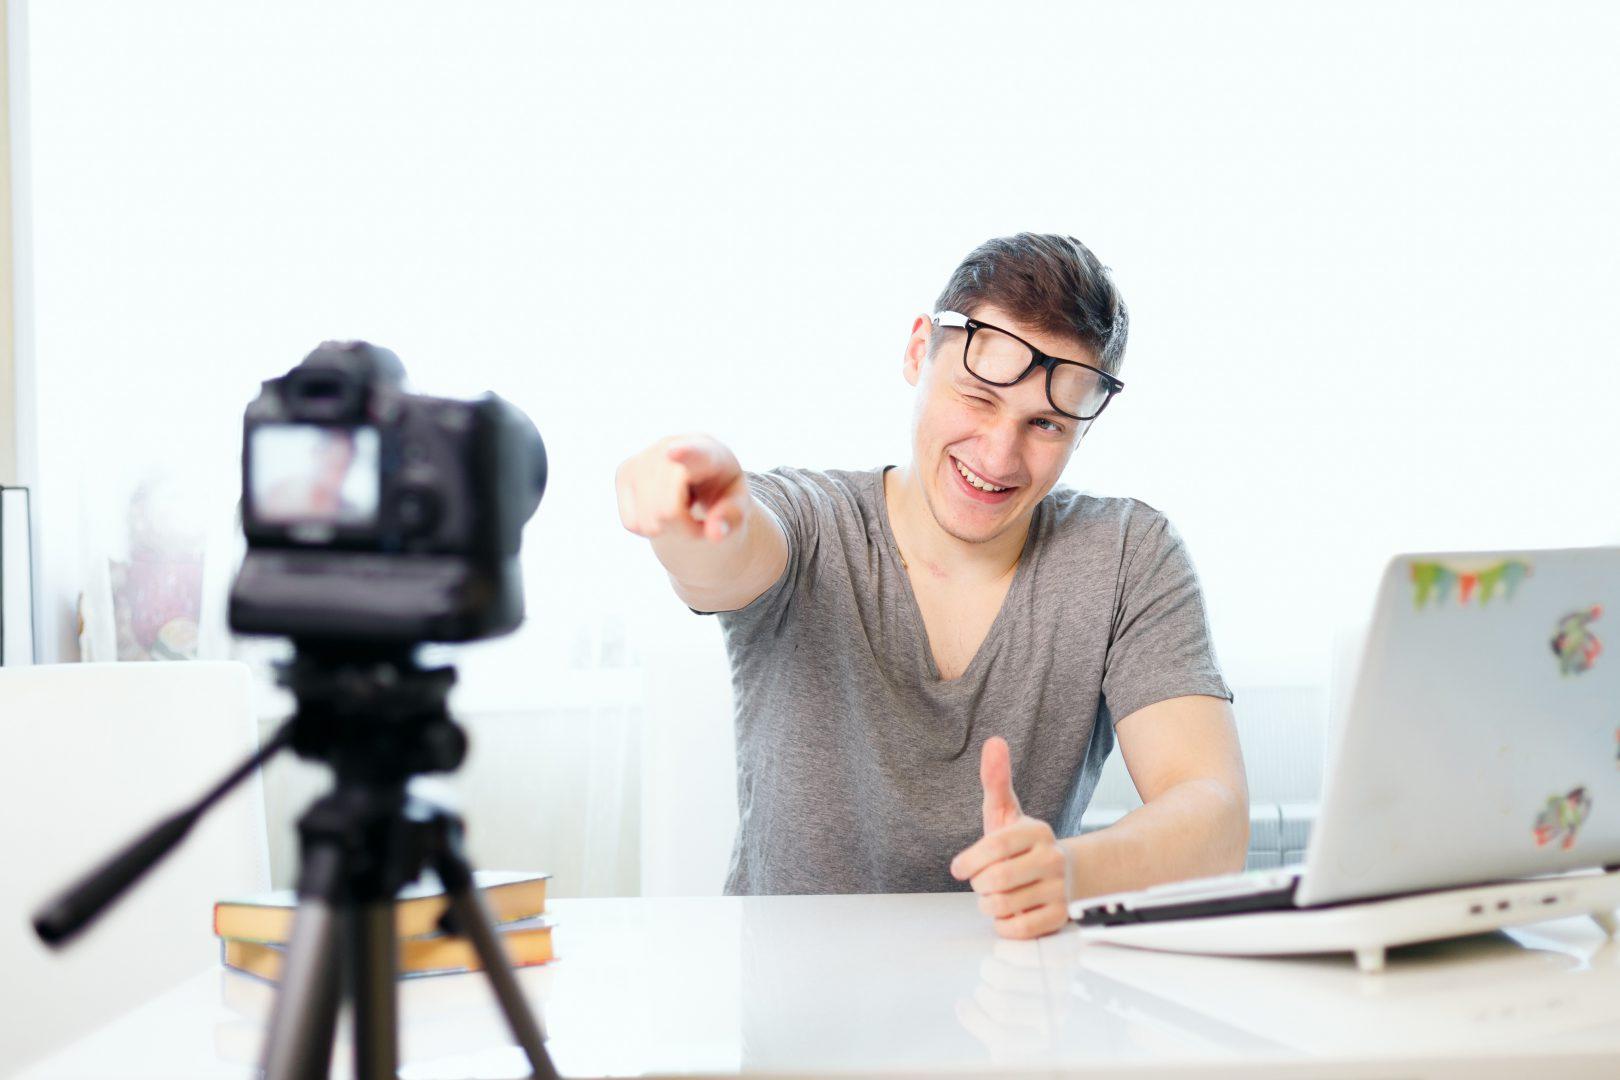 一眼レフカメラで自撮りする外国人男性